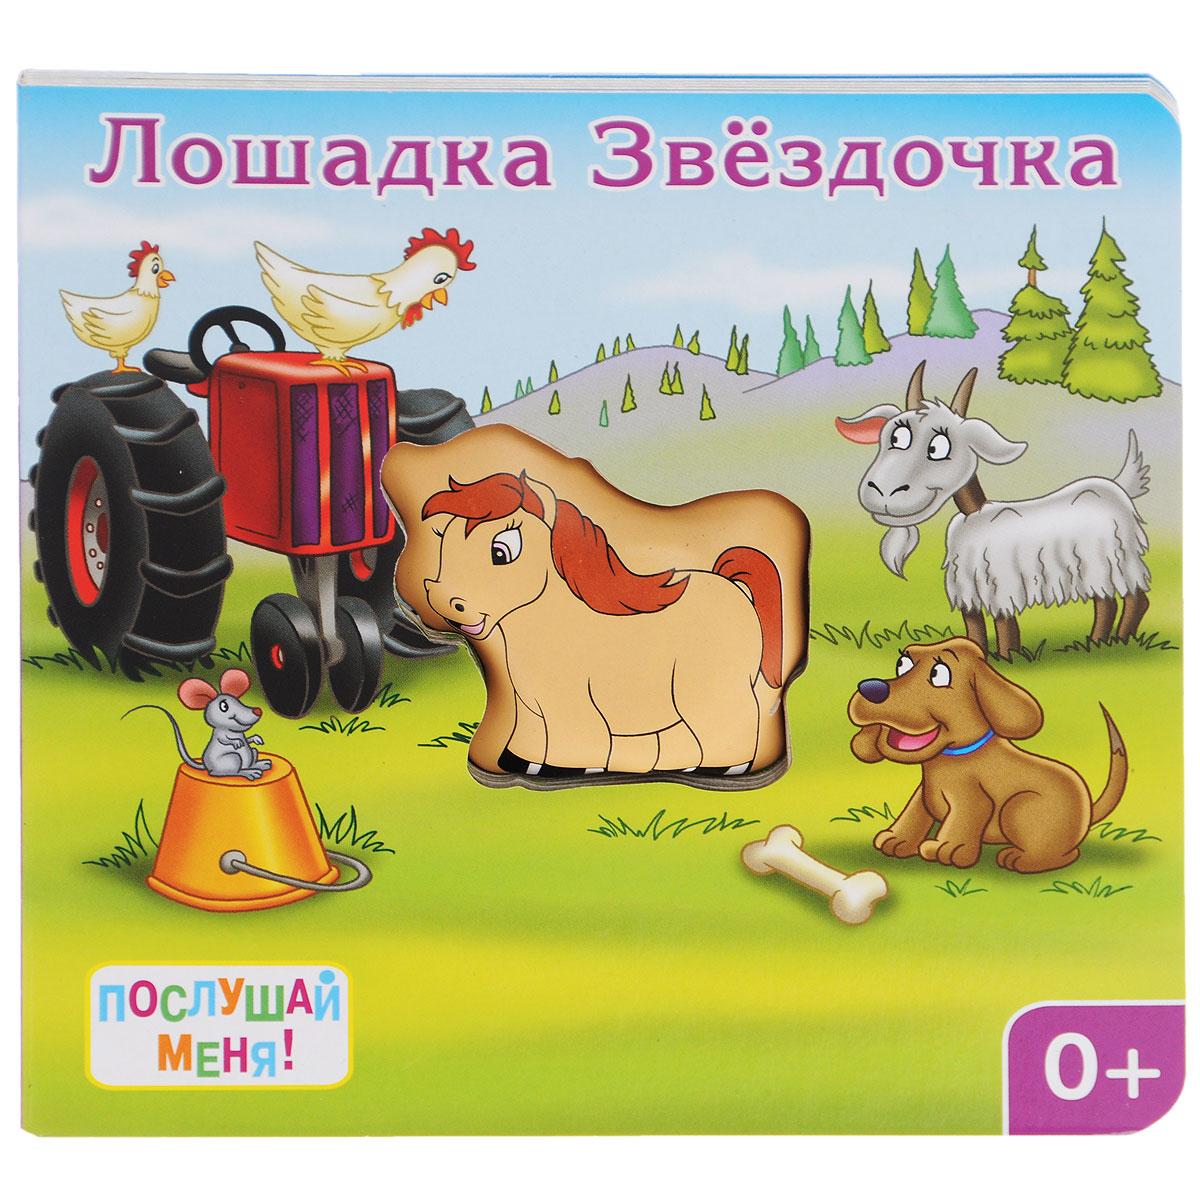 Лошадка Звездочка . Книжка-игрушка12296407Наша серия поможет развитию речи вашего ребенка. Ведь малыши очень любят резиновые игрушки-пищалки. А здесь помимо игрушки чудесные истории про животных. Пусть ваш ребенок нажимает на игрушку и учится повторять за животными те слова, которые они говорят: - Хрю-хрю, Му-у, Иго-го, Мэ-э, - и т.д.